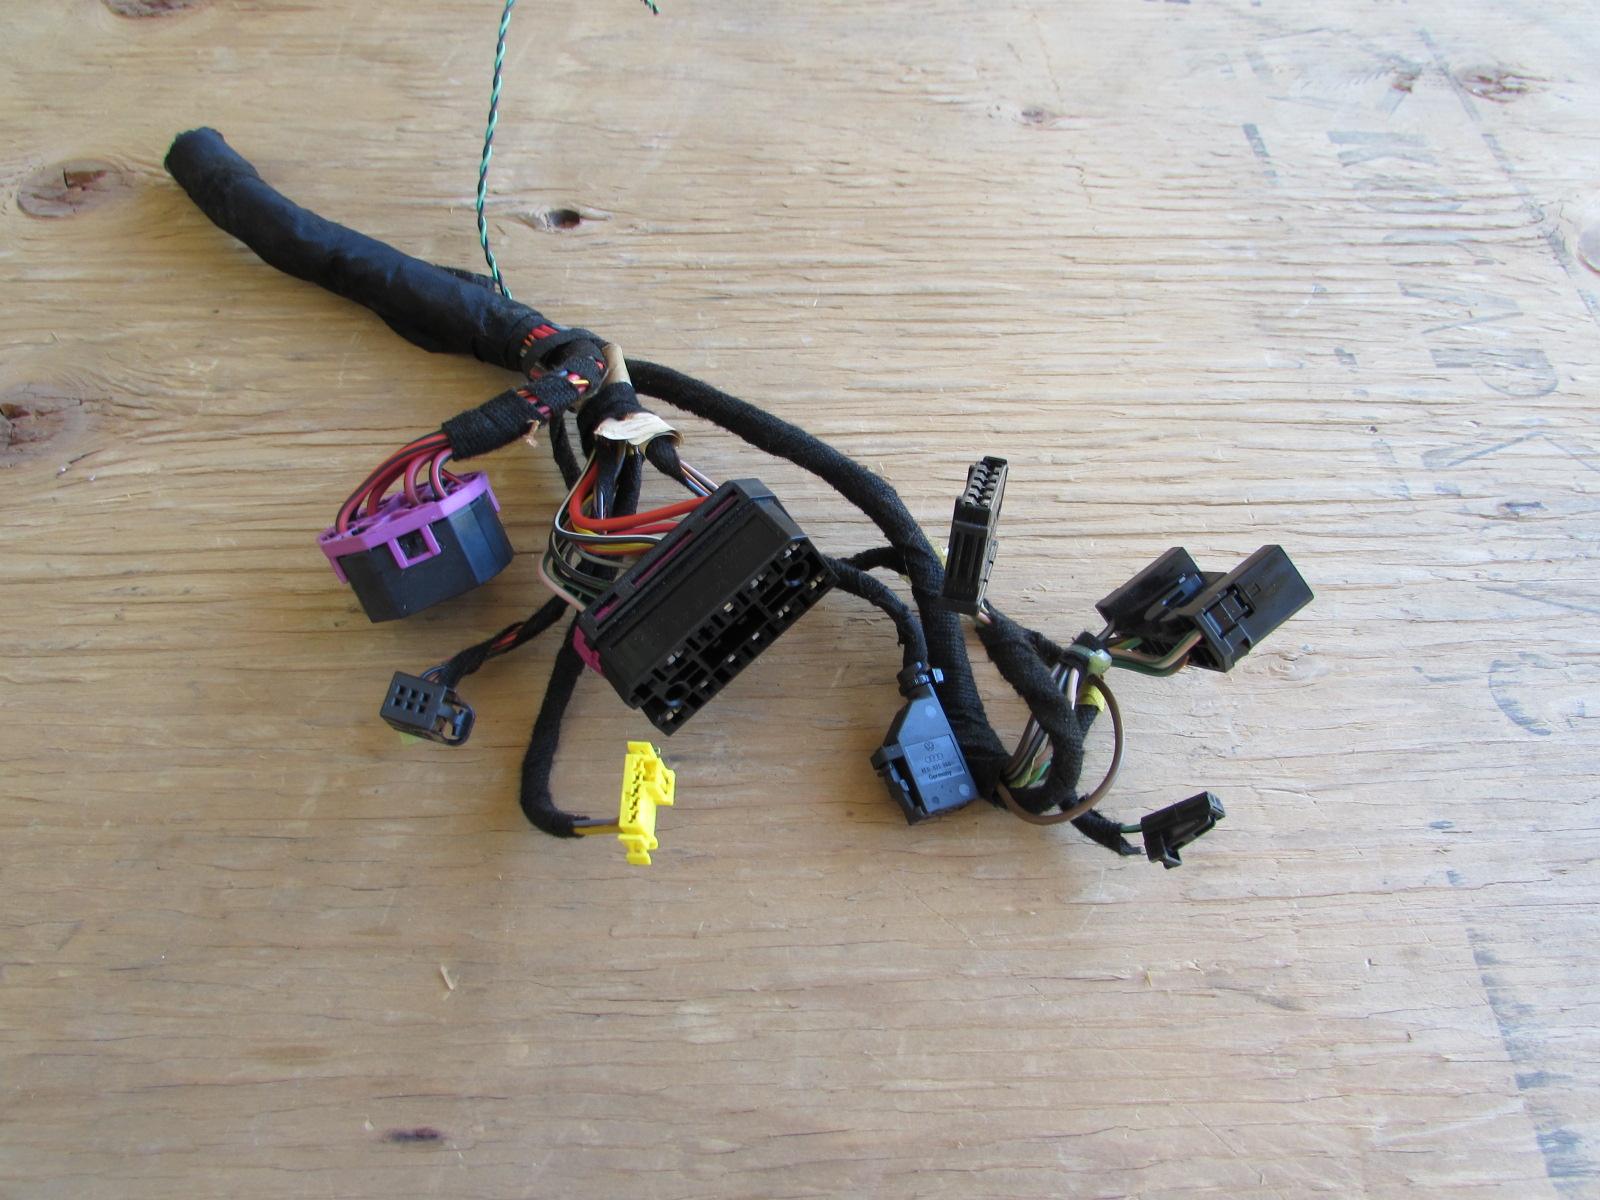 Audi TT MK1 8N Steering Column Wiring Harness 8L0971978 Audi Tt Wiring Harness on honda wiring harness, chrysler wiring harness, 2000 mustang wiring harness, porsche wiring harness, camaro wiring harness, hyundai wiring harness, kymco wiring harness, dodge wiring harness, subaru wiring harness, miata wiring harness, 2004 mustang wiring harness, saab wiring harness, lexus wiring harness, jayco wiring harness, mercury wiring harness, ford wiring harness, toyota wiring harness, mopar wiring harness, mitsubishi wiring harness, vw wiring harness,